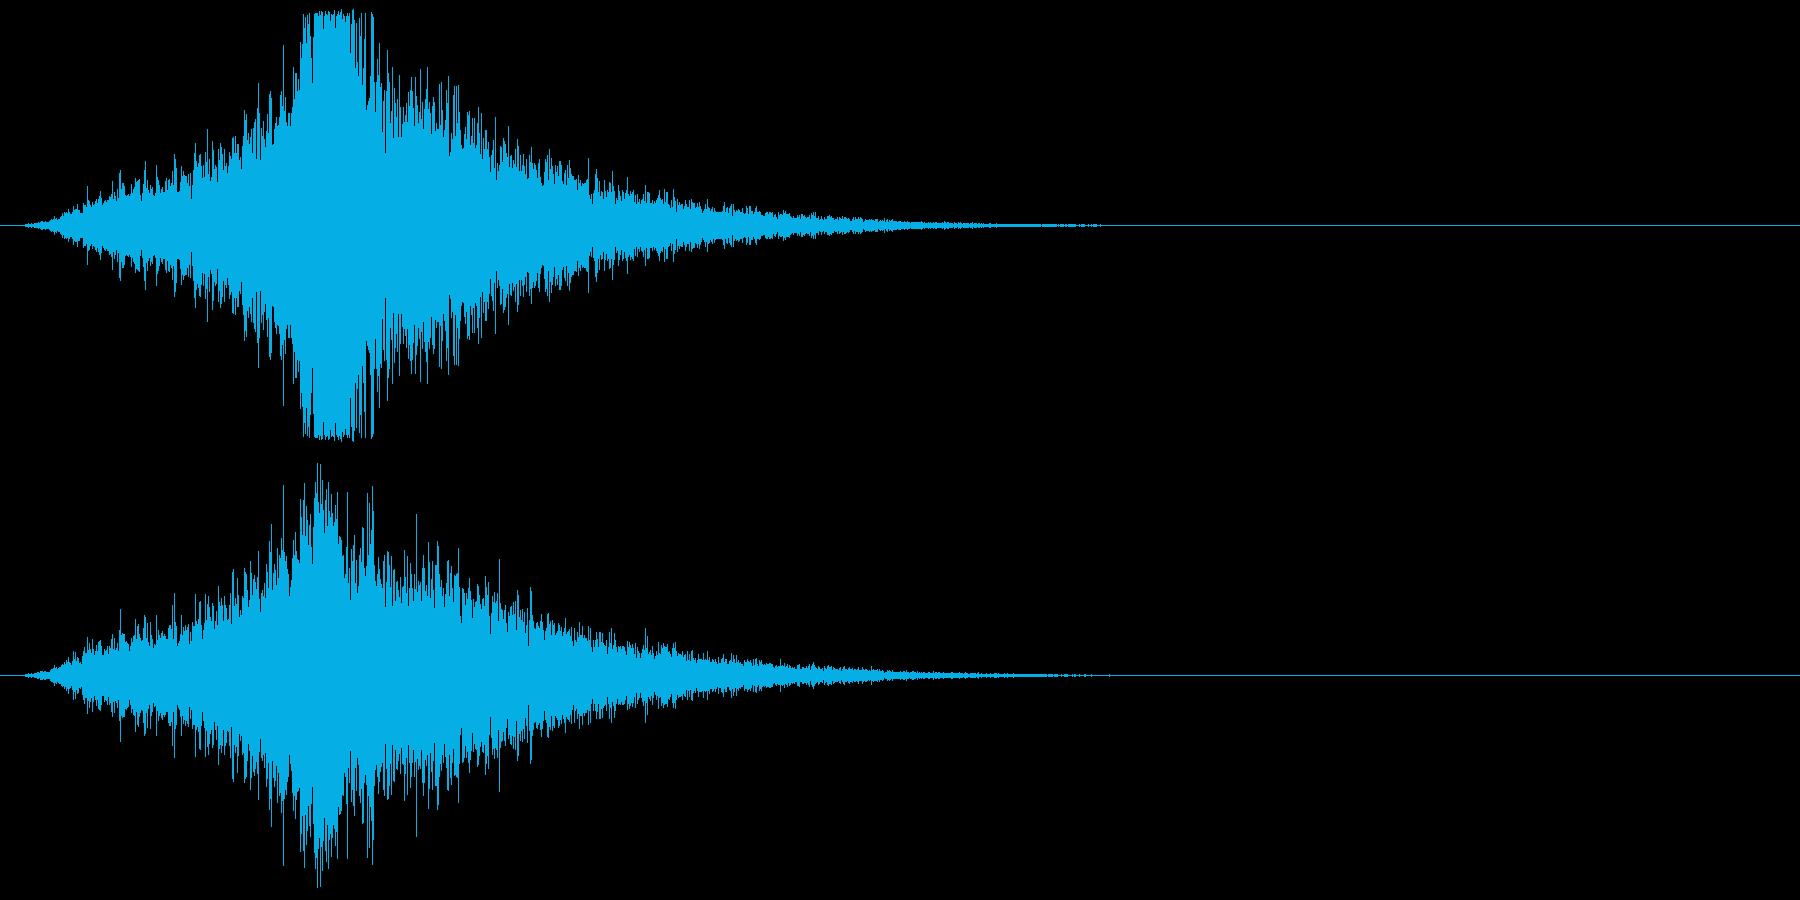 宇宙船・飛翔体#3通過 中央の再生済みの波形